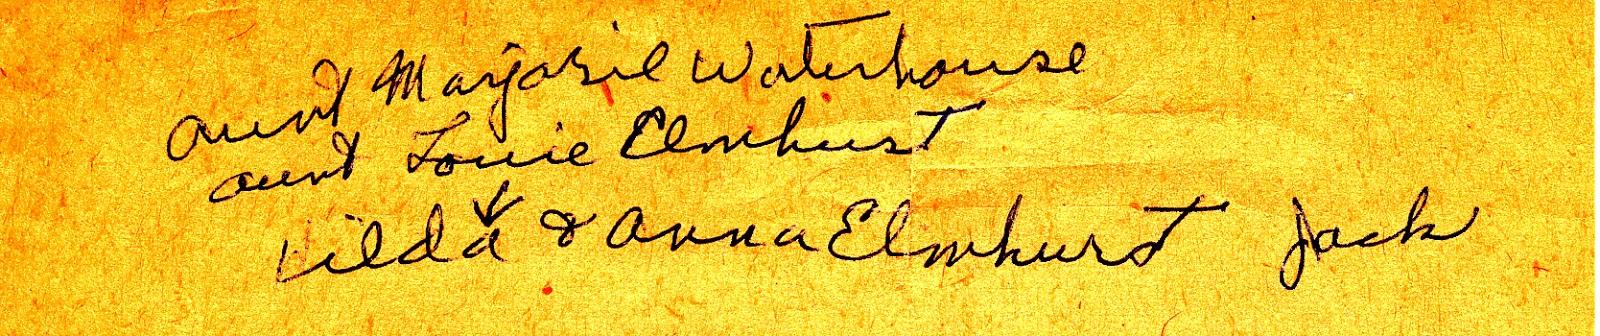 Note 1 - Aunt Marjorie Waterhouse and Aunt Louie Elmhust